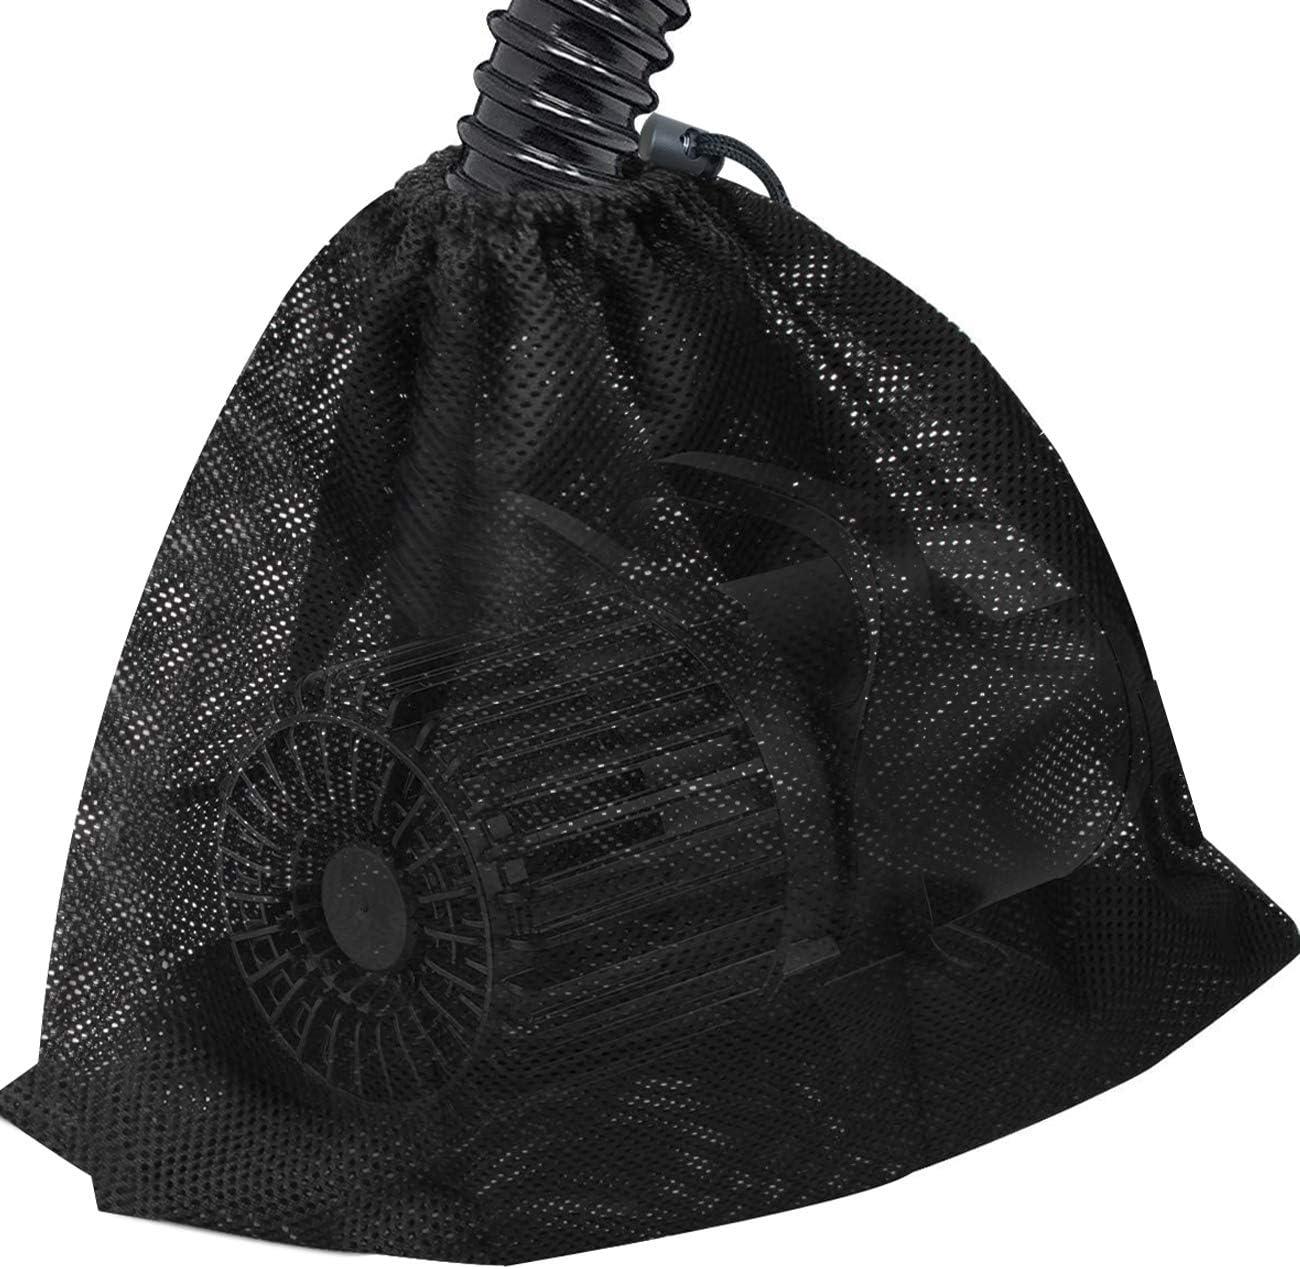 Hecaty Large Pump Barrier Bag, 17.7